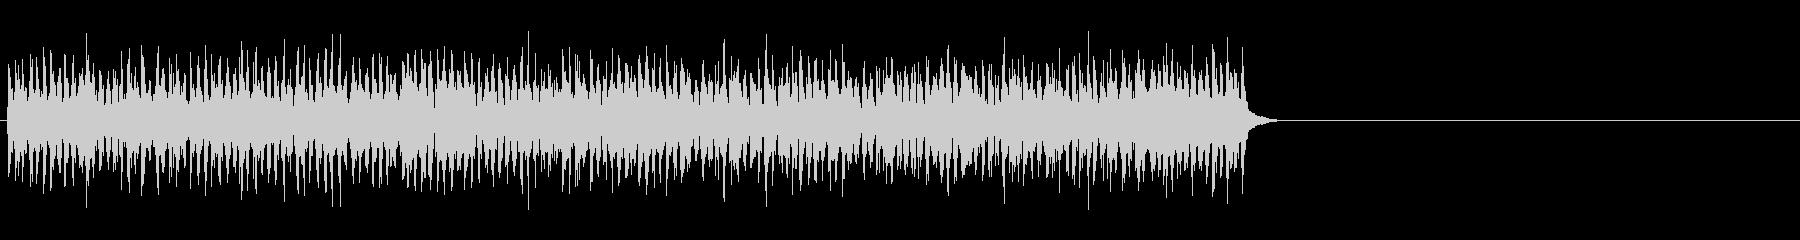 音楽、リベラトステム、@ 0:14...の未再生の波形